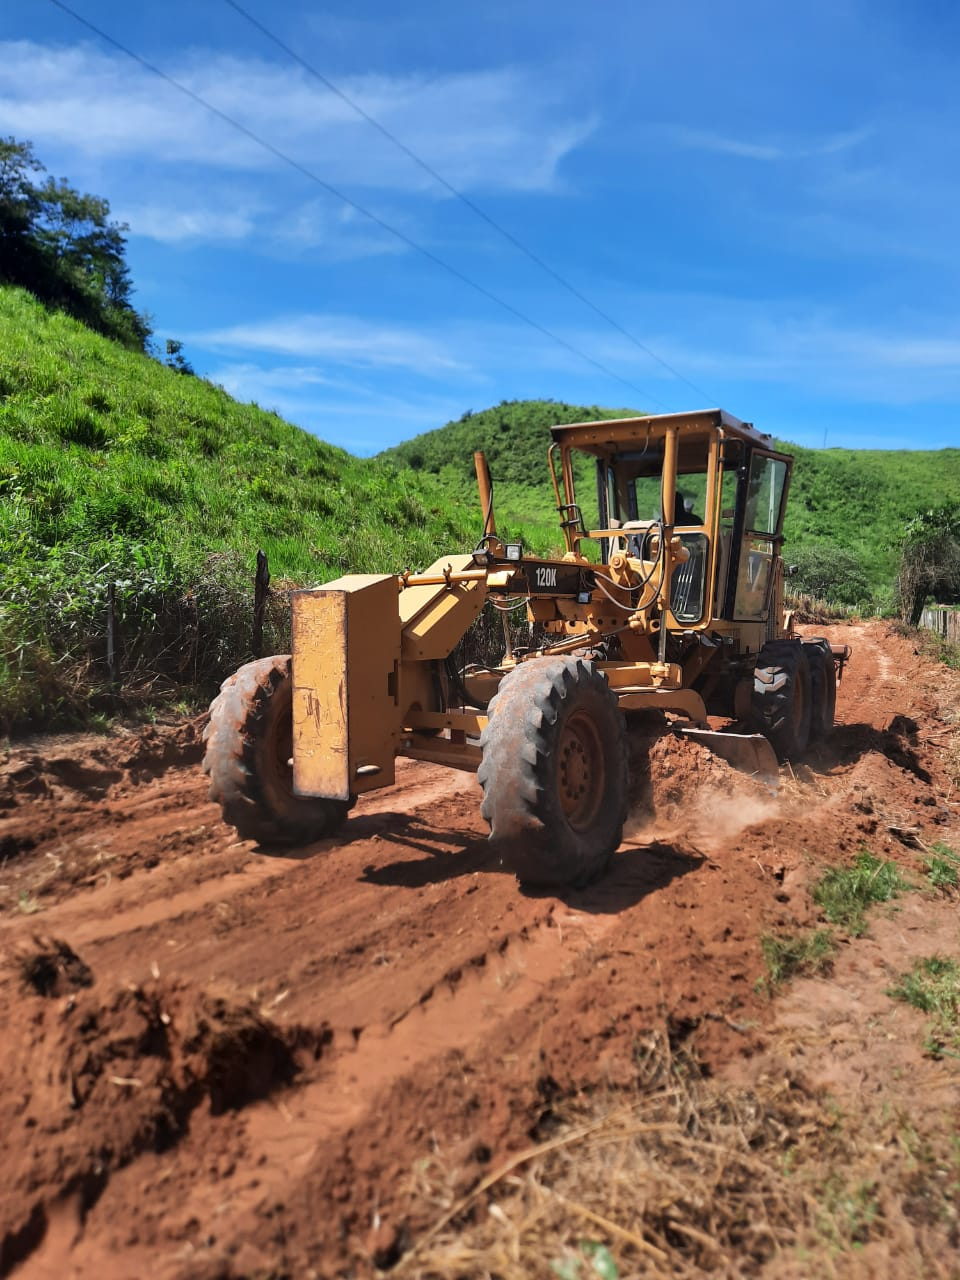 Prefeito Rigo Teles inicia trabalhos de recuperação da estrada que liga a Br-226 ao povoado Três Lagoas do Manduca